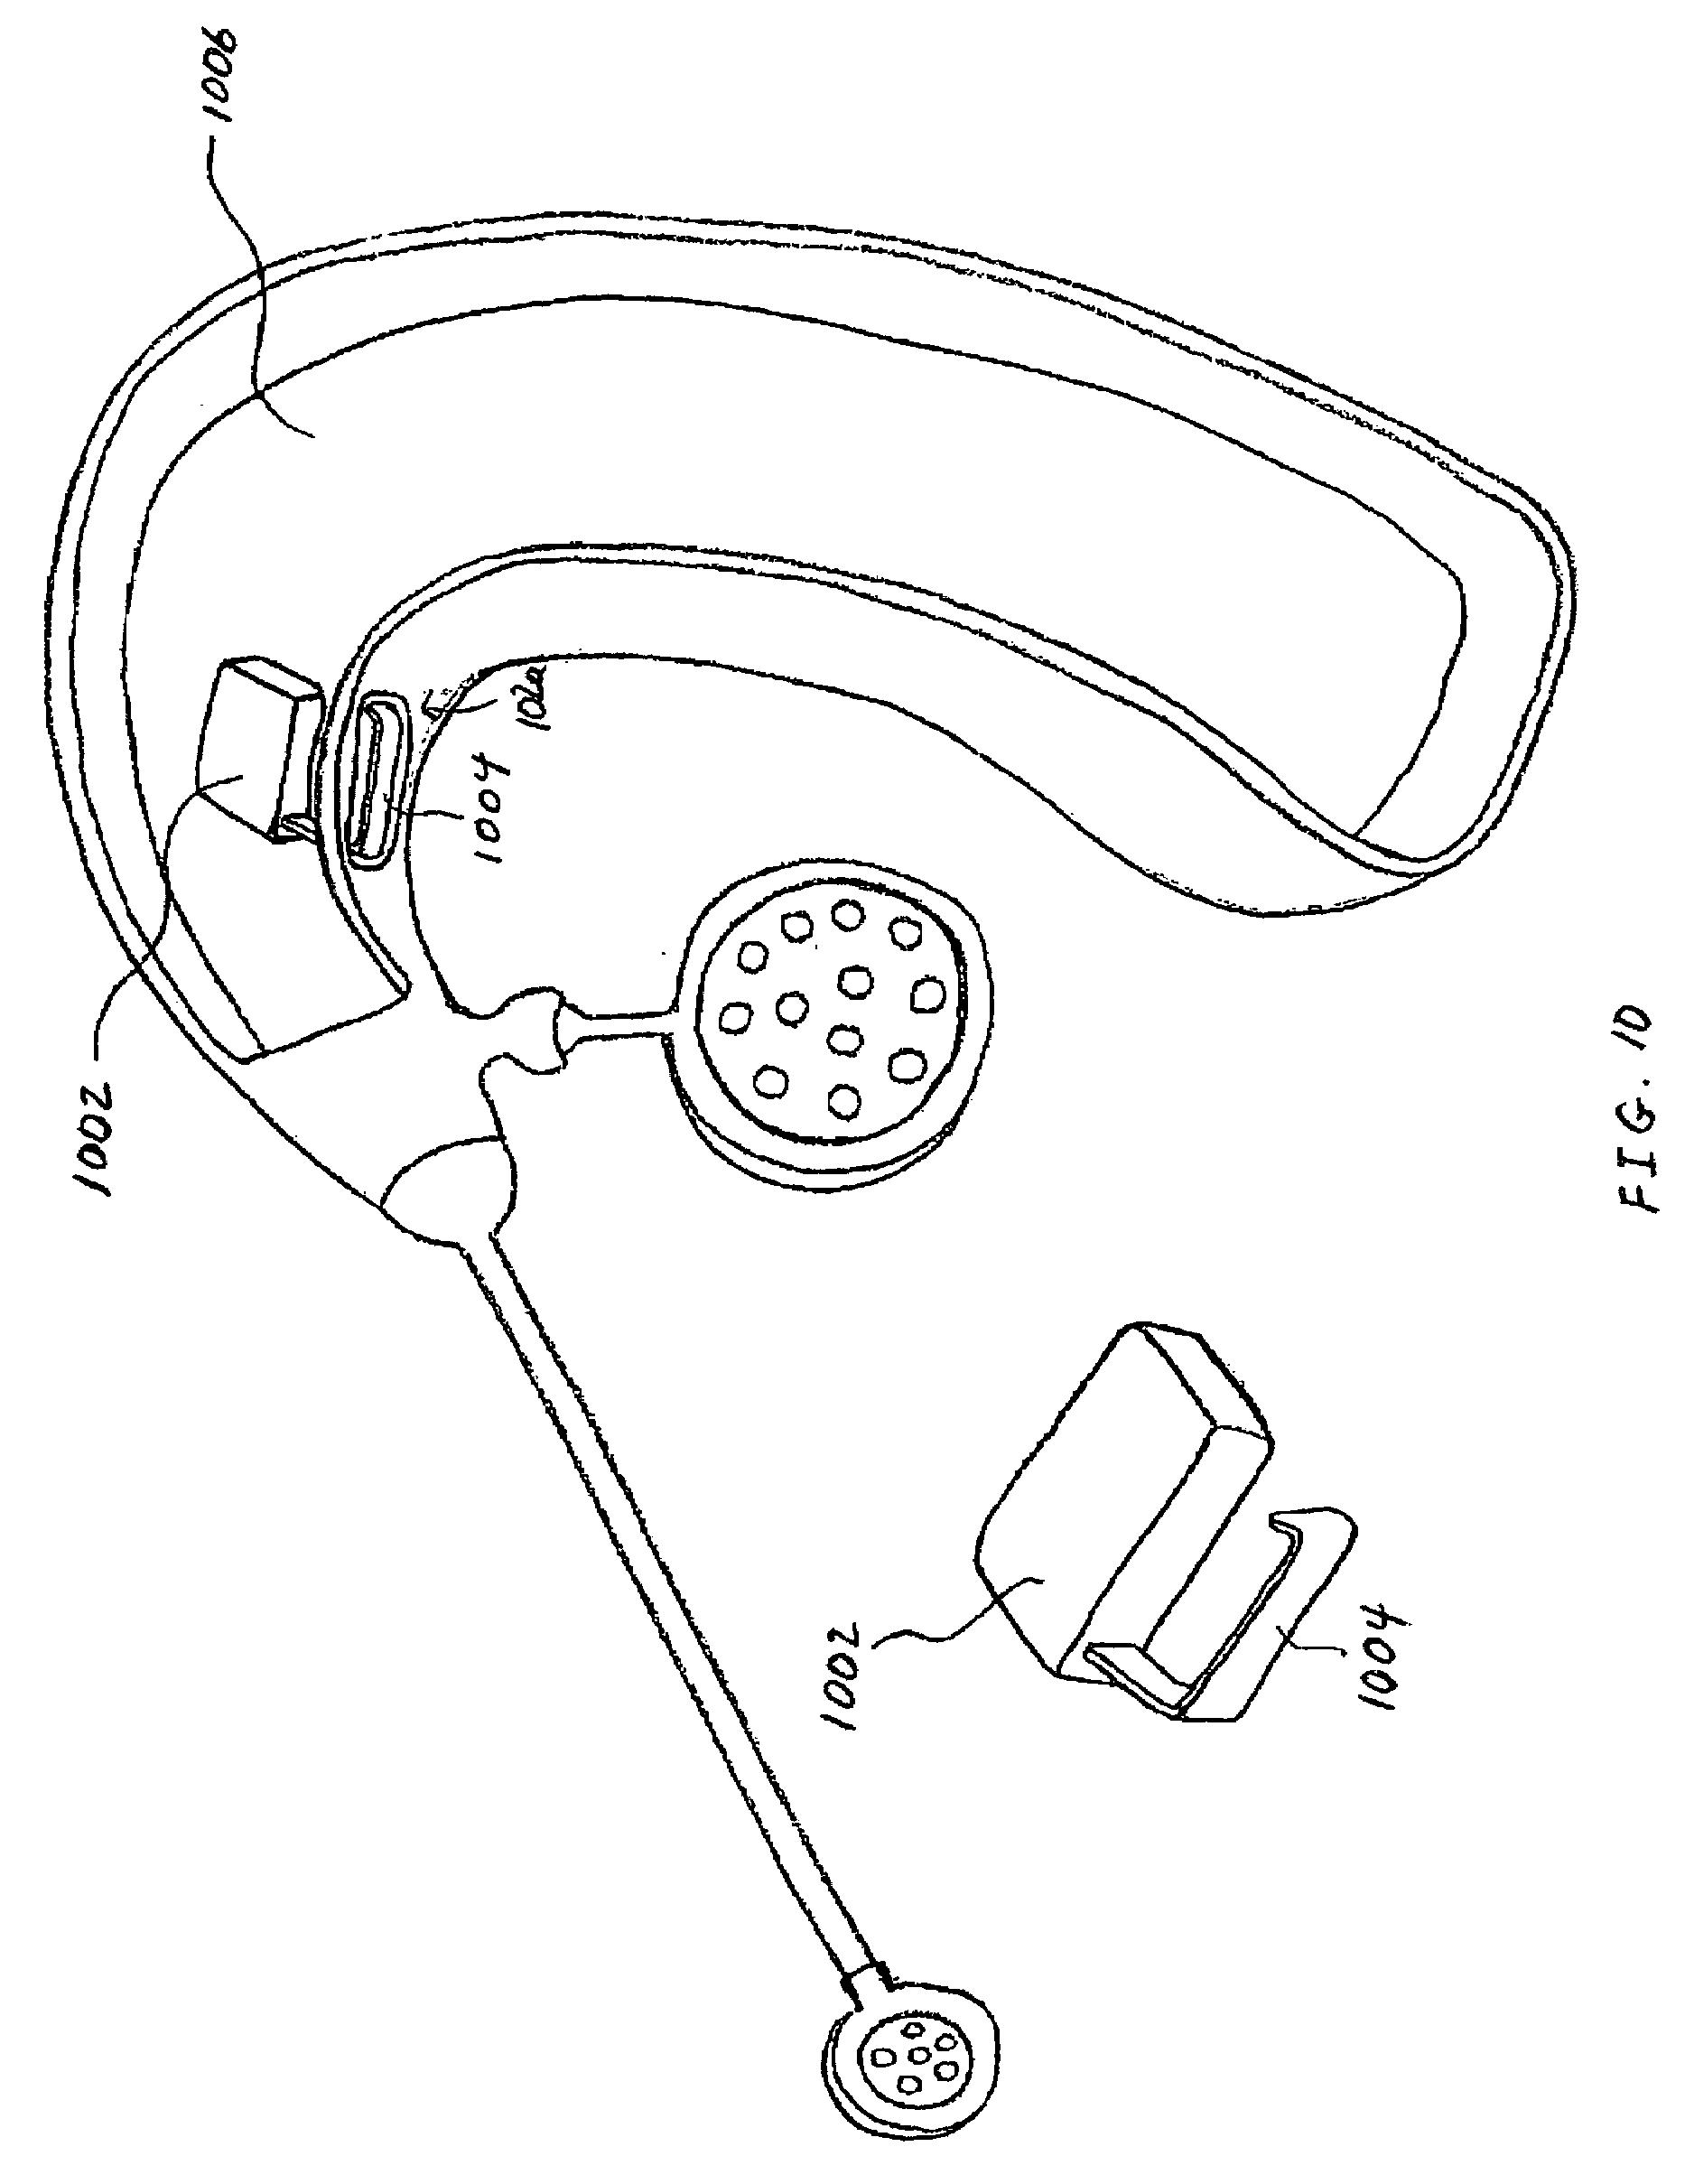 patent us20080080705